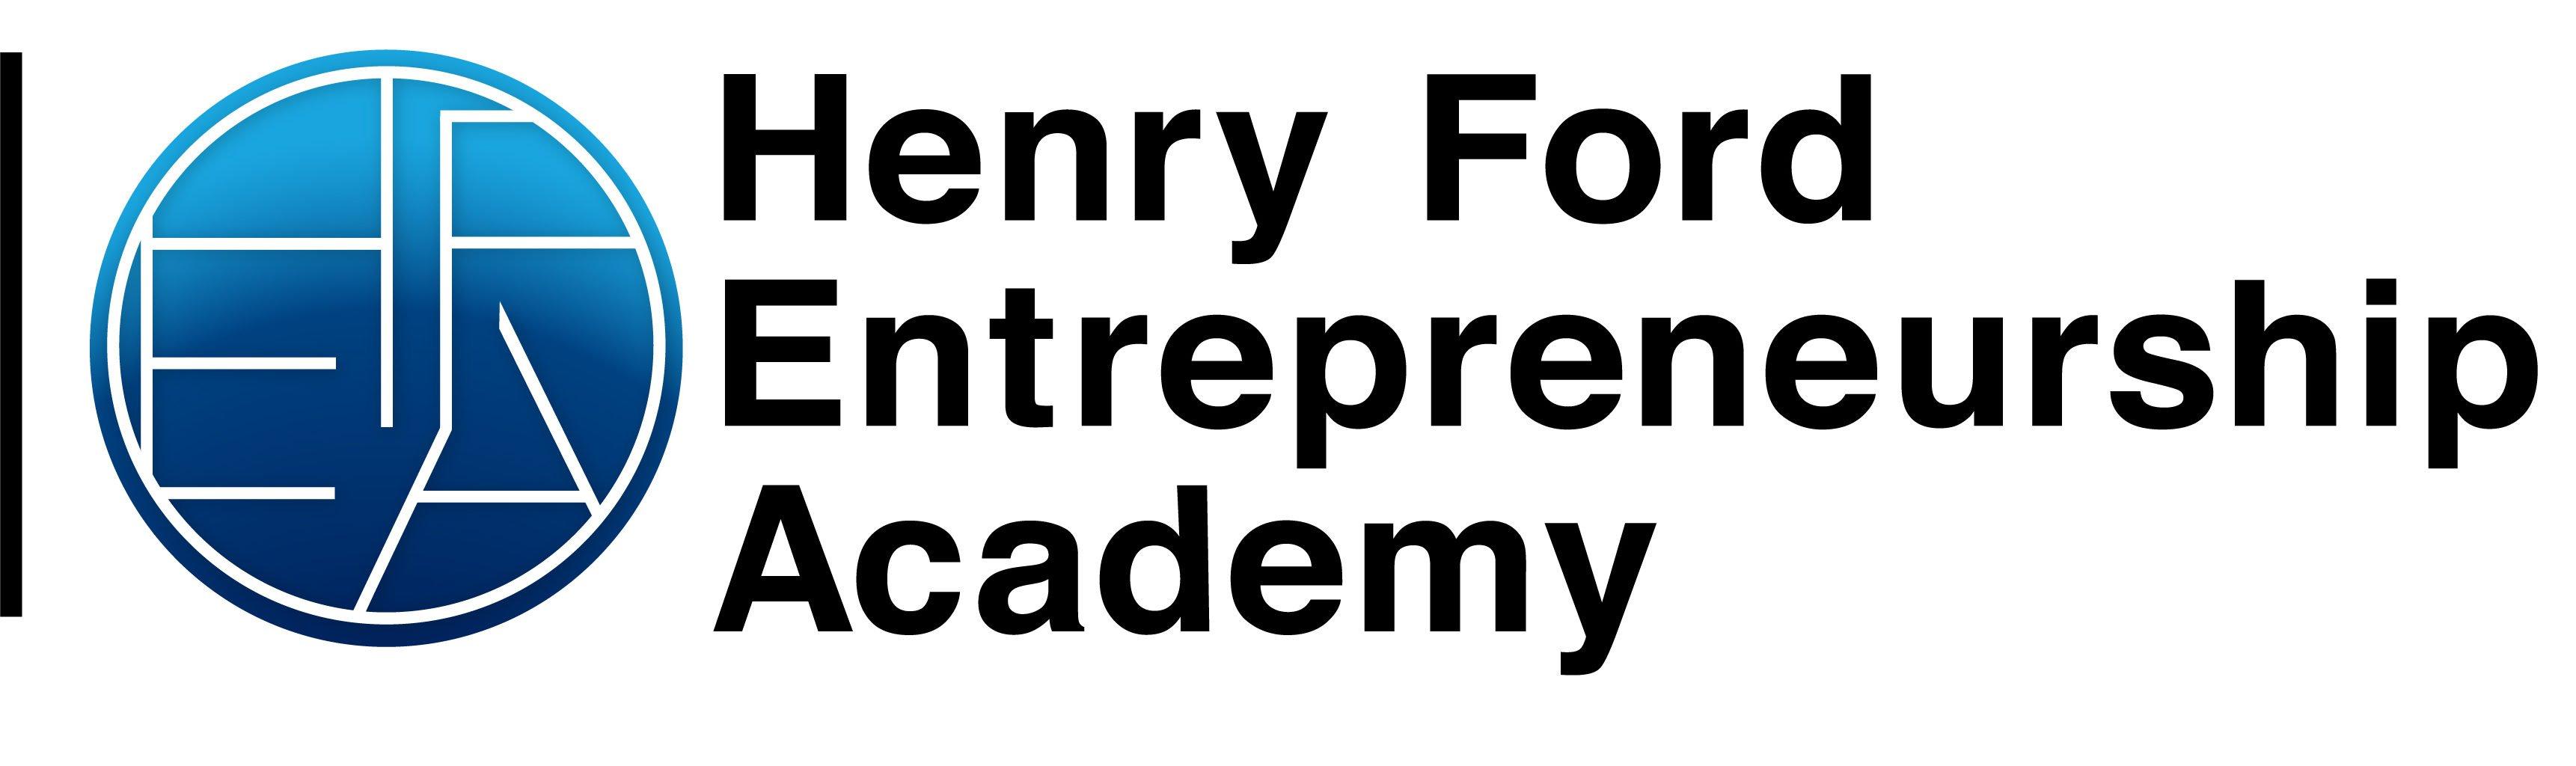 بدء التسجيل في برامج أكاديمية هنري فورد لريادة الأعمال